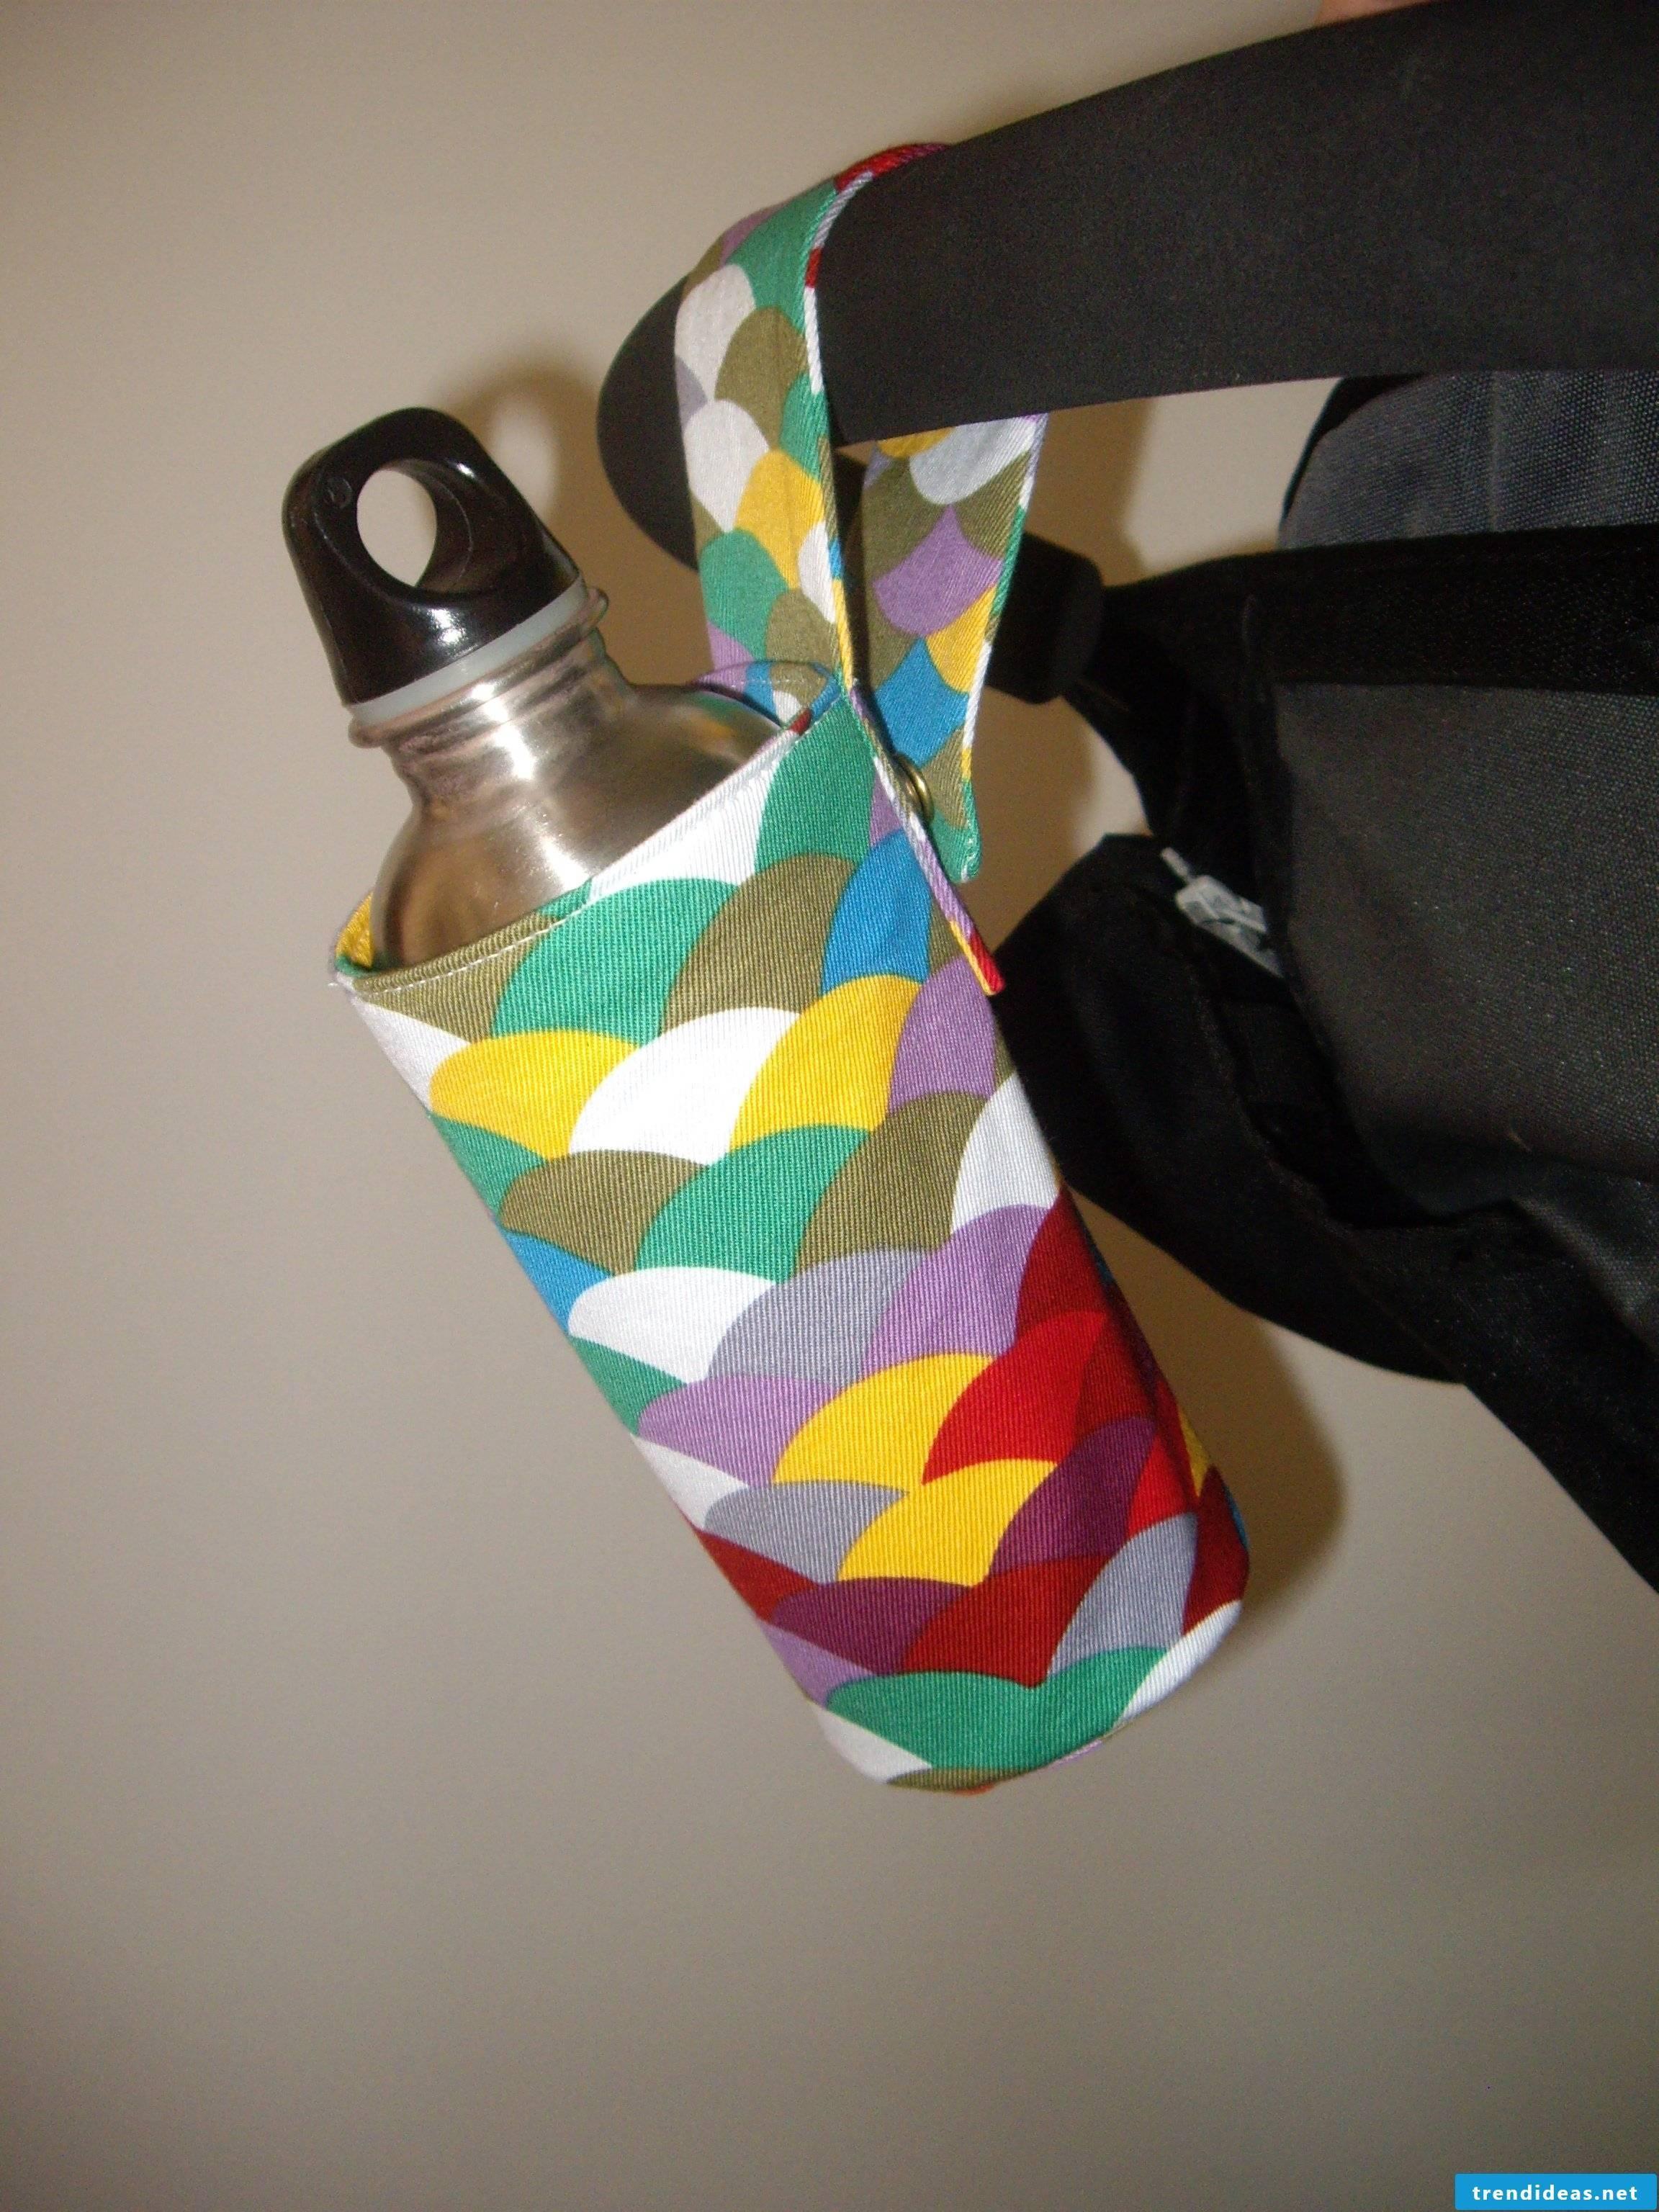 Lustuger holder for the children's bottle